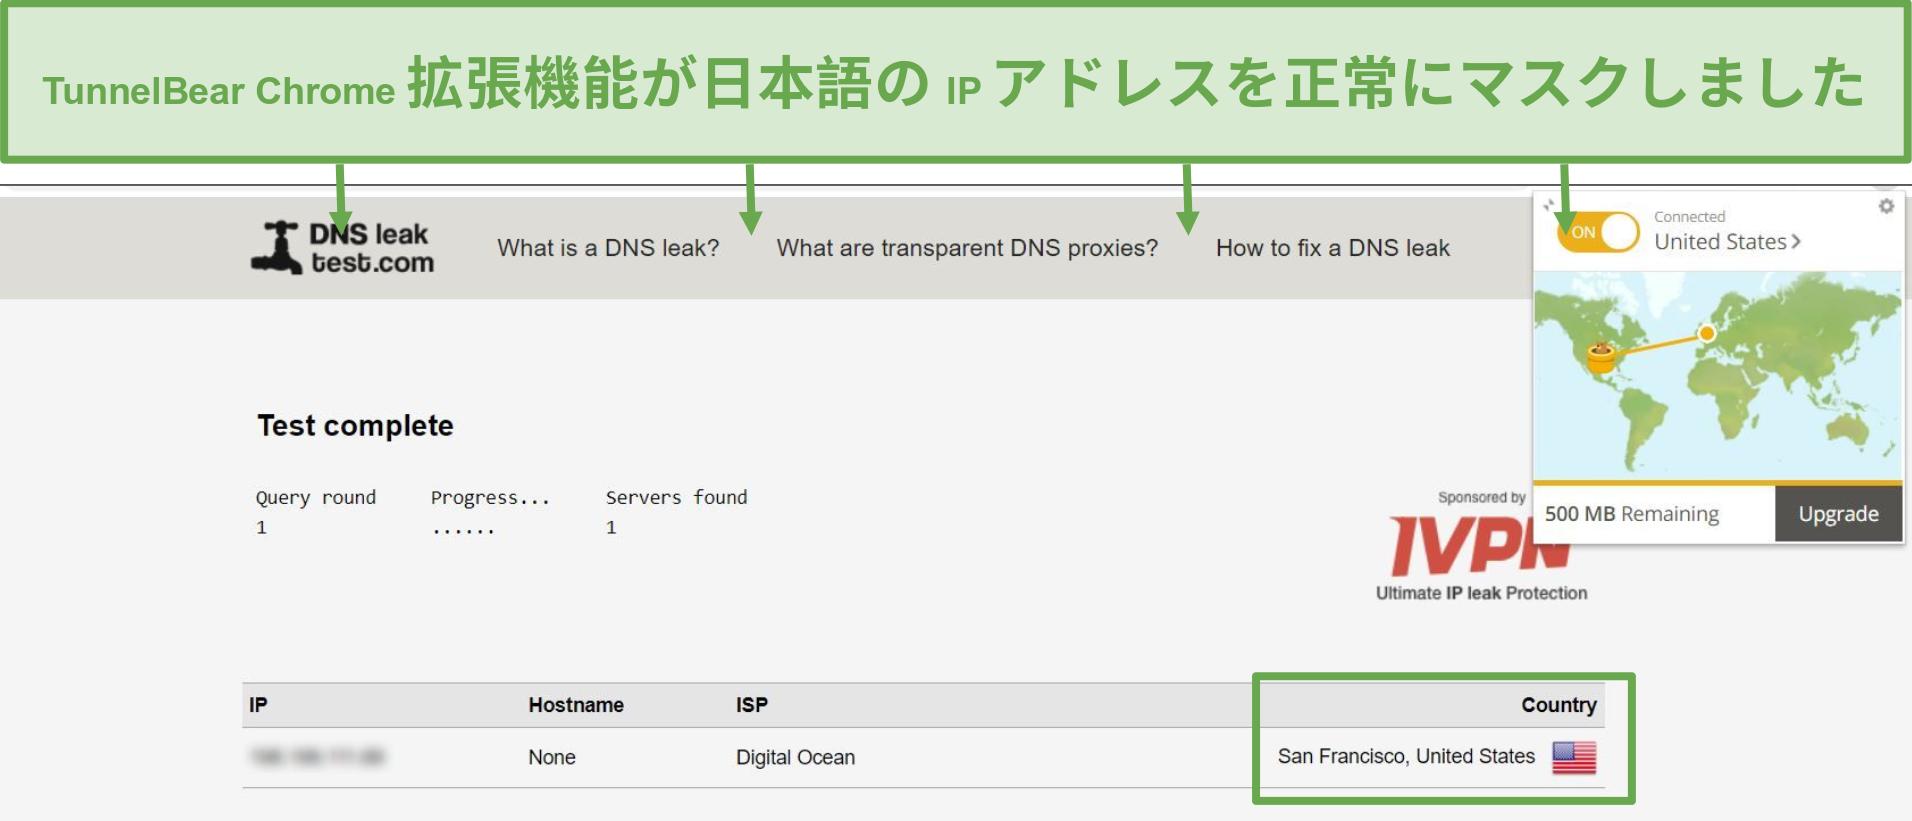 TunnelBearに接続したときのDNSリークテスト結果のスクリーンショット。